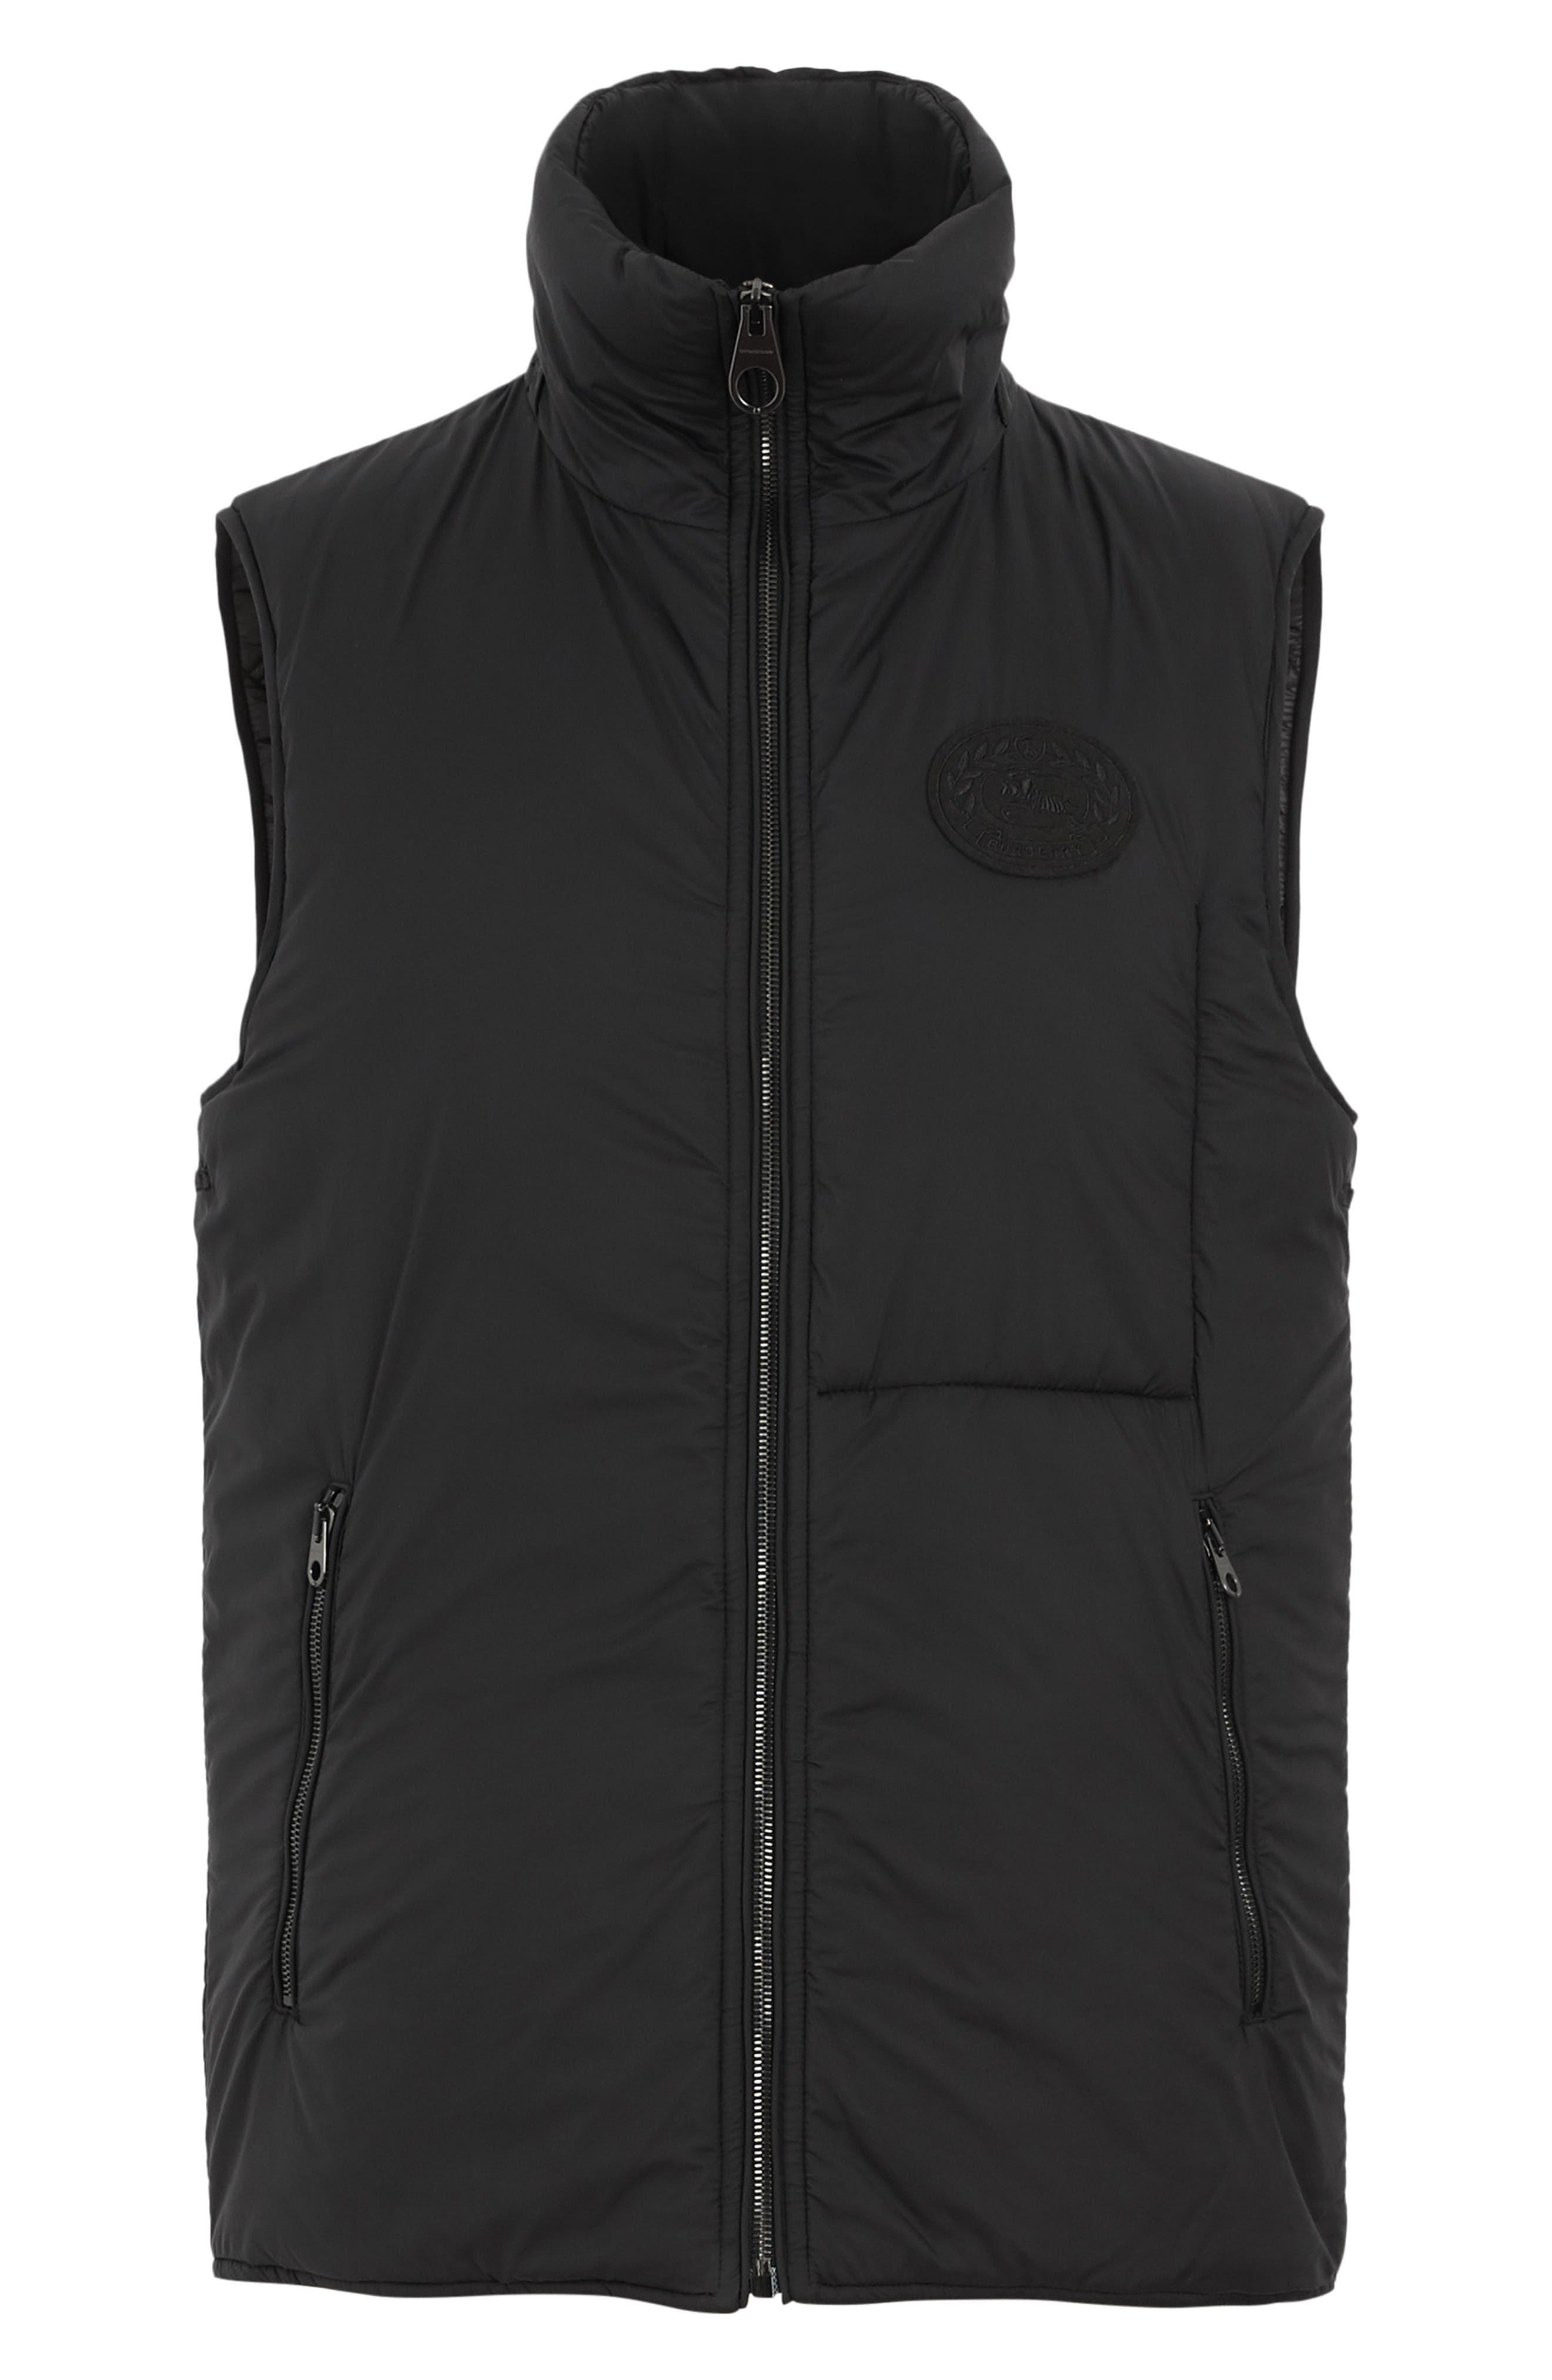 BURBERRY, Lenthorne Check Car Coat with Detachable Vest, Alternate thumbnail 7, color, DARK CAMEL